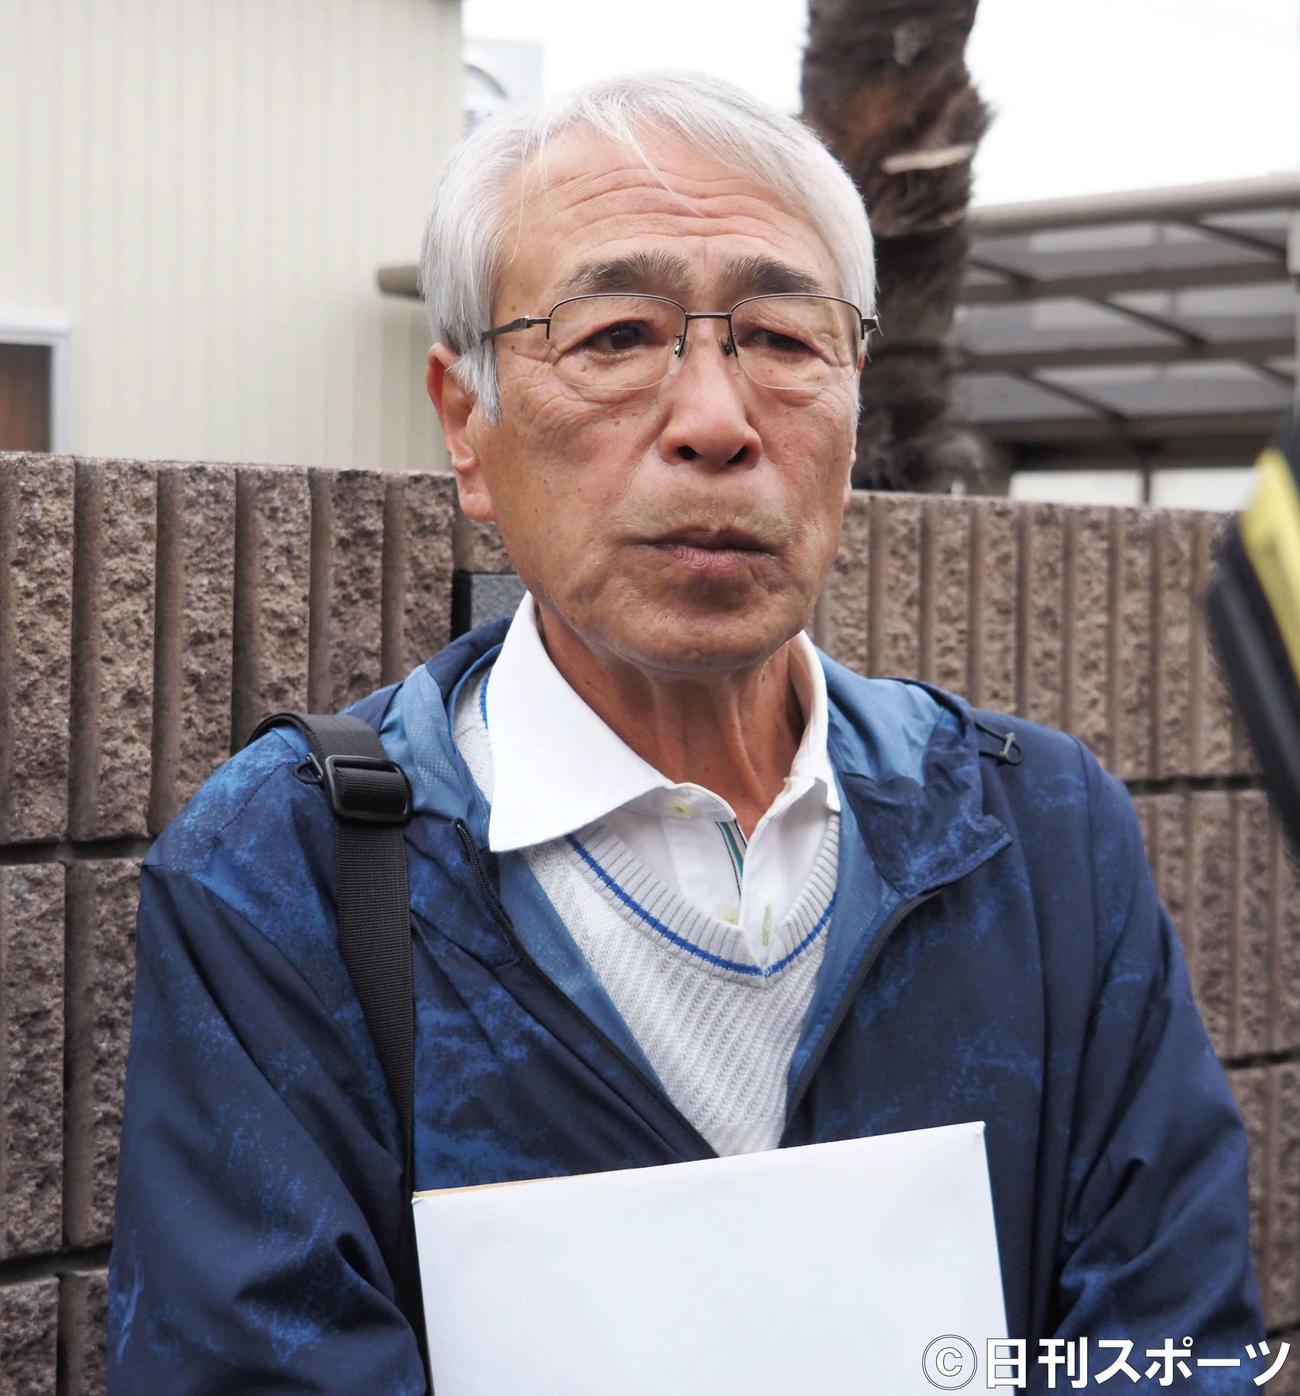 東村山の実家前で取材に応じる志村けんさんの兄知之さん(撮影・遠藤尚子)